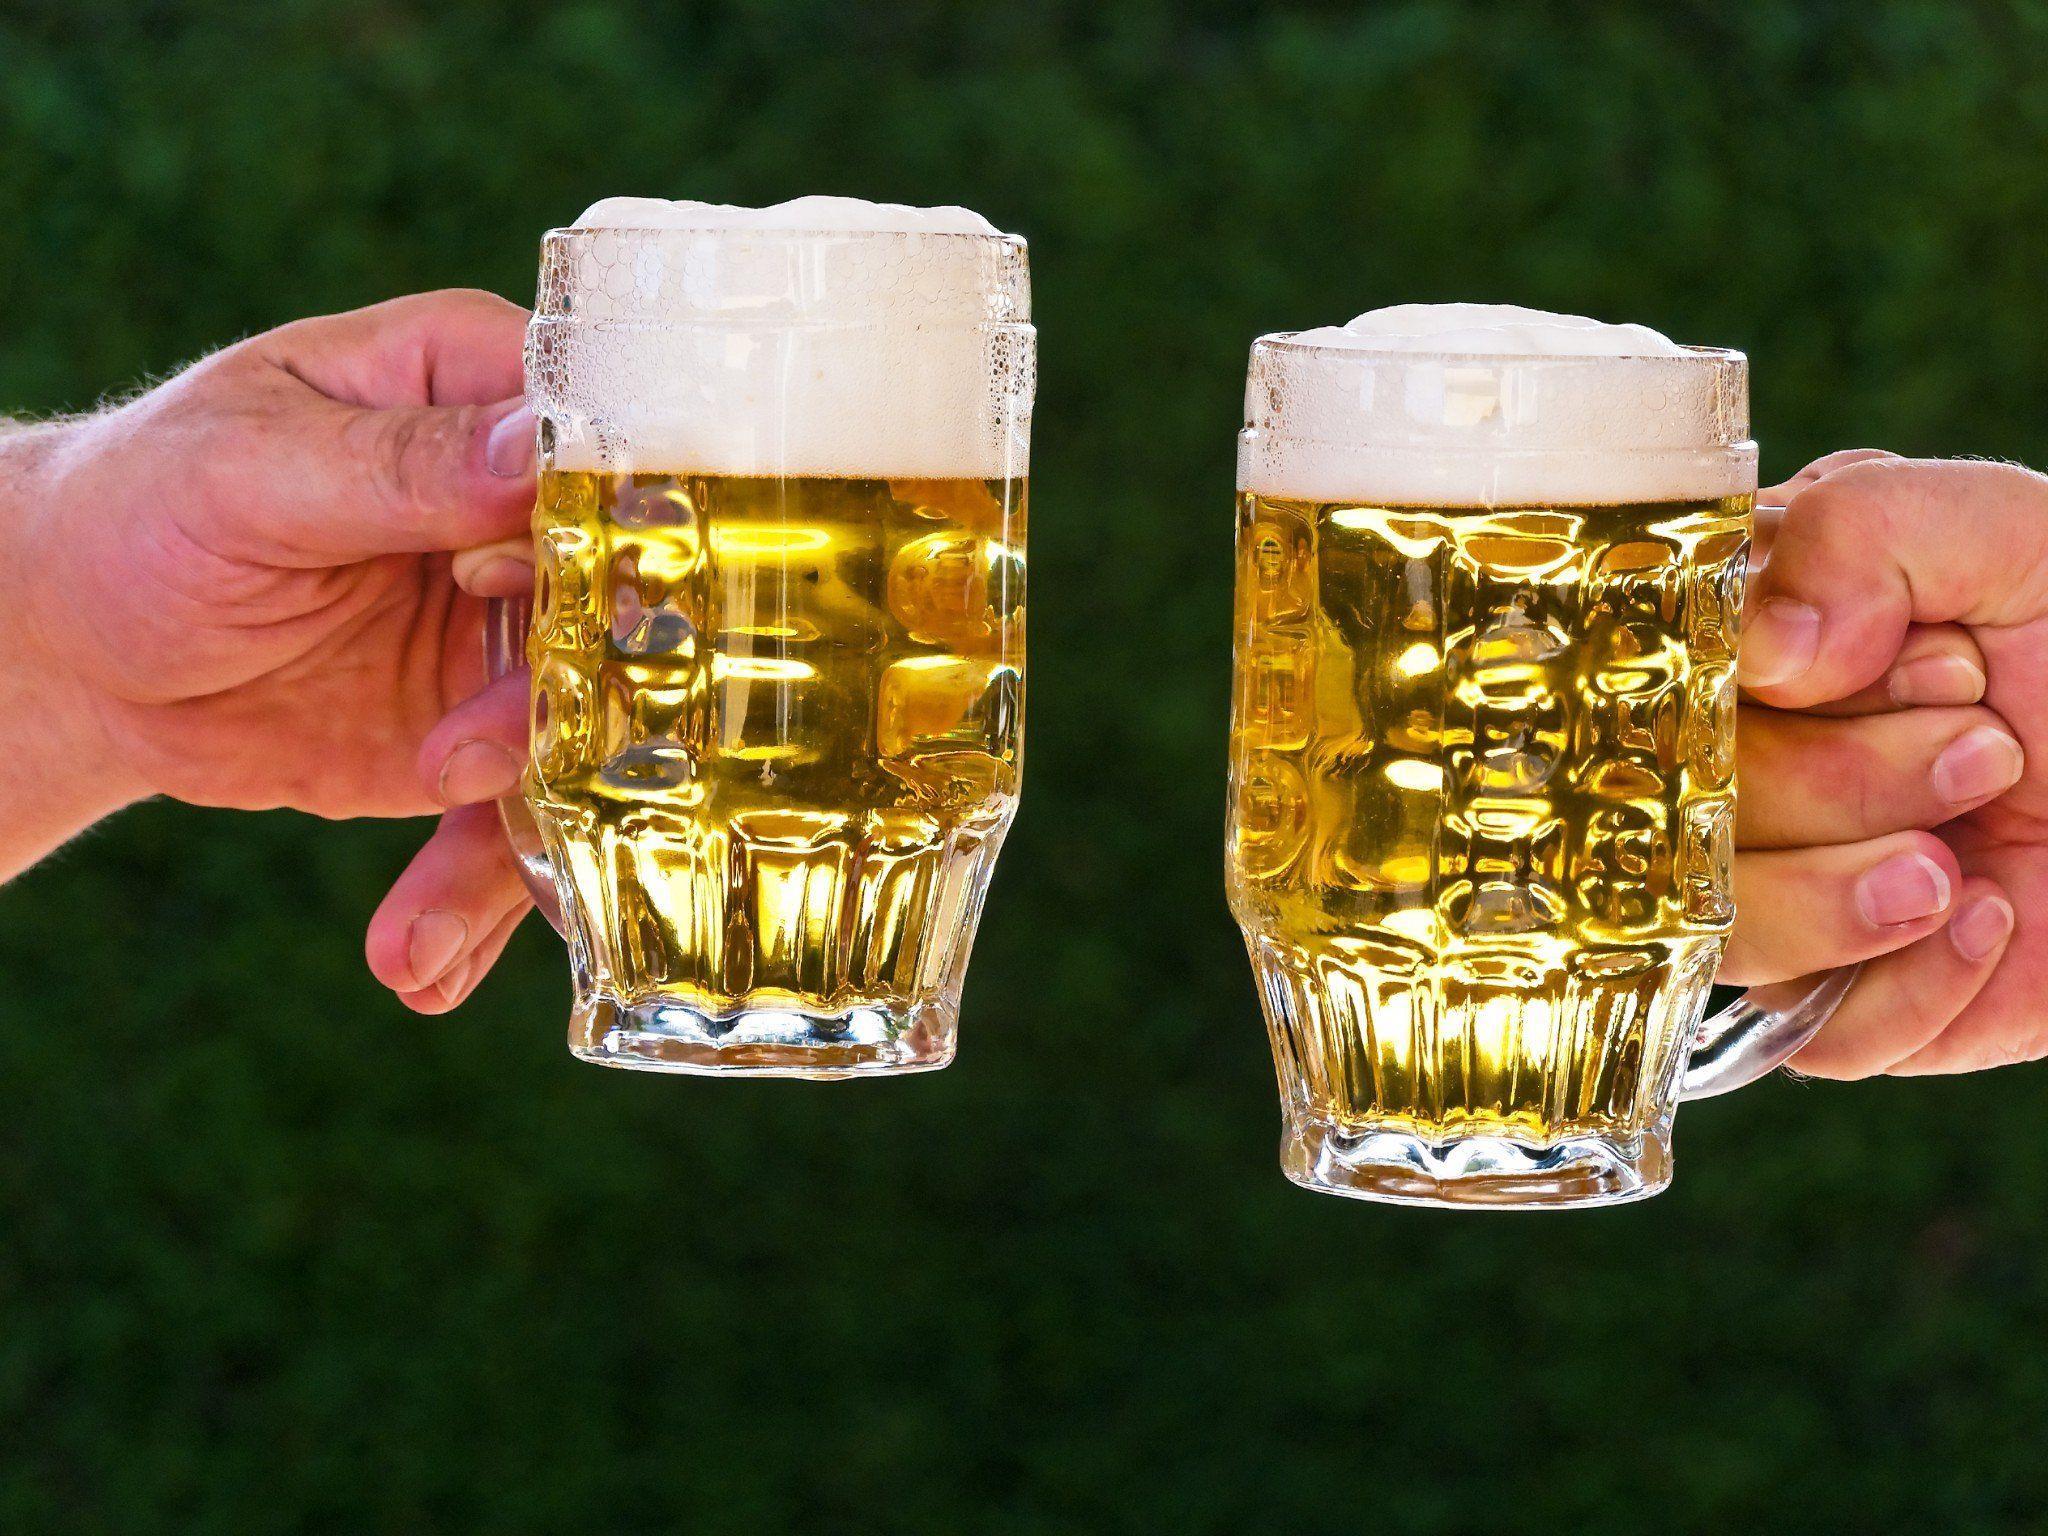 Cousin hatte Sex mit seiner Gattin: Schlag mit Bierkrug als Rache?